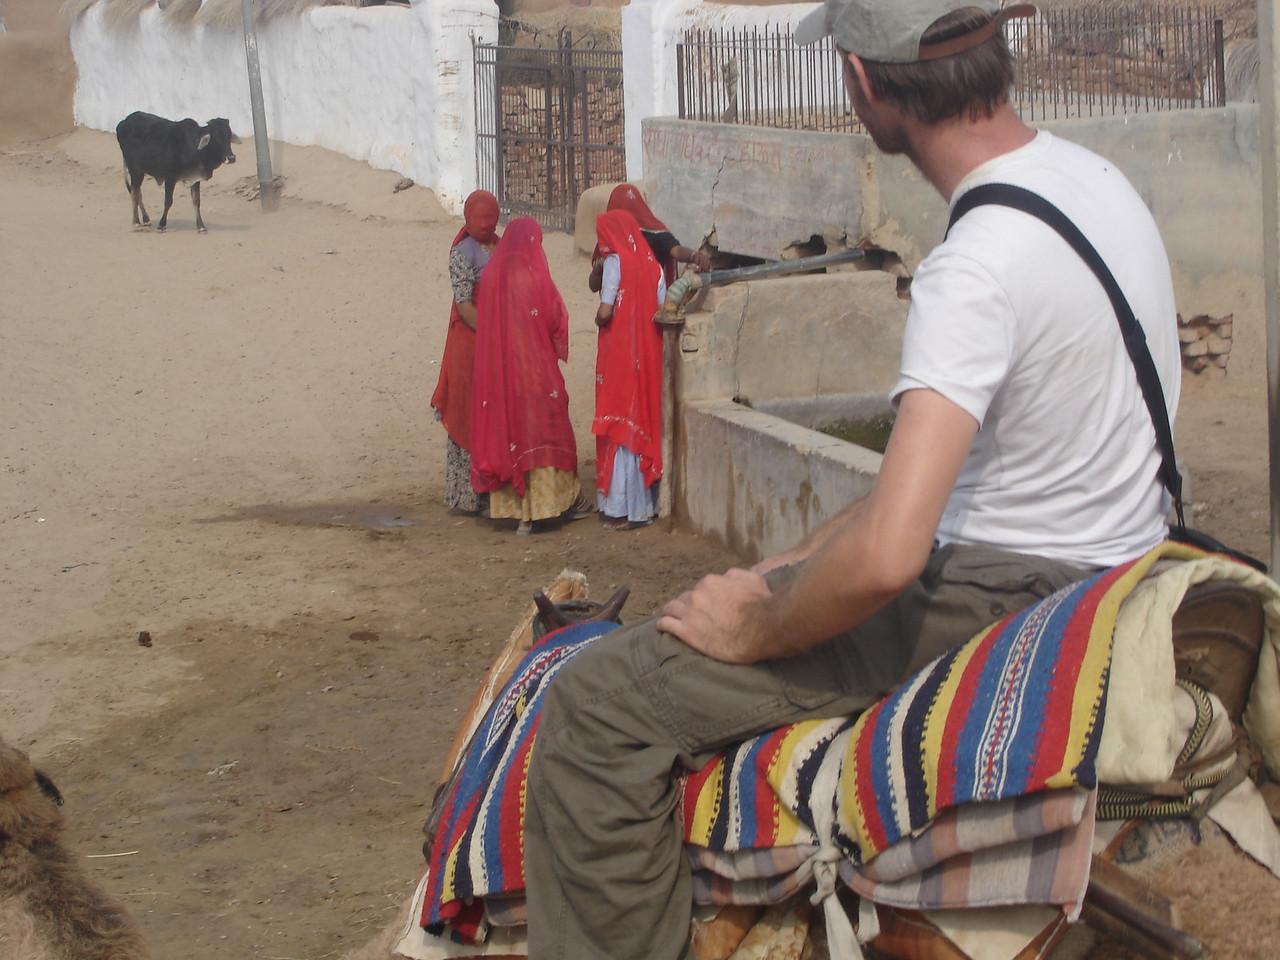 near Pakistan border  photo by Wendy Kubiak